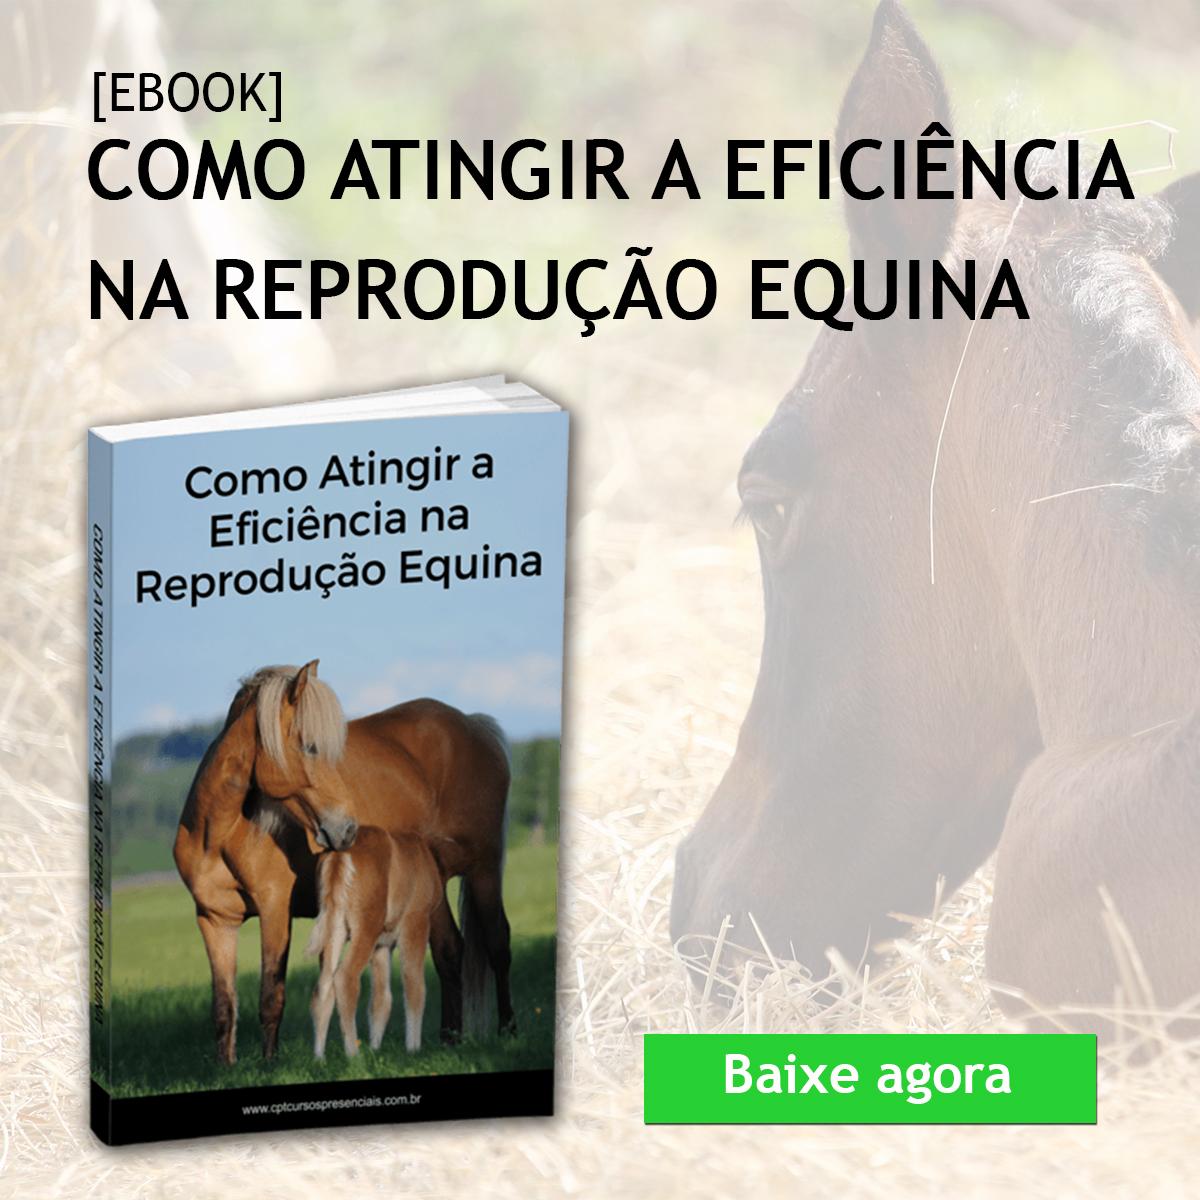 Ebook de Reprodução Equina